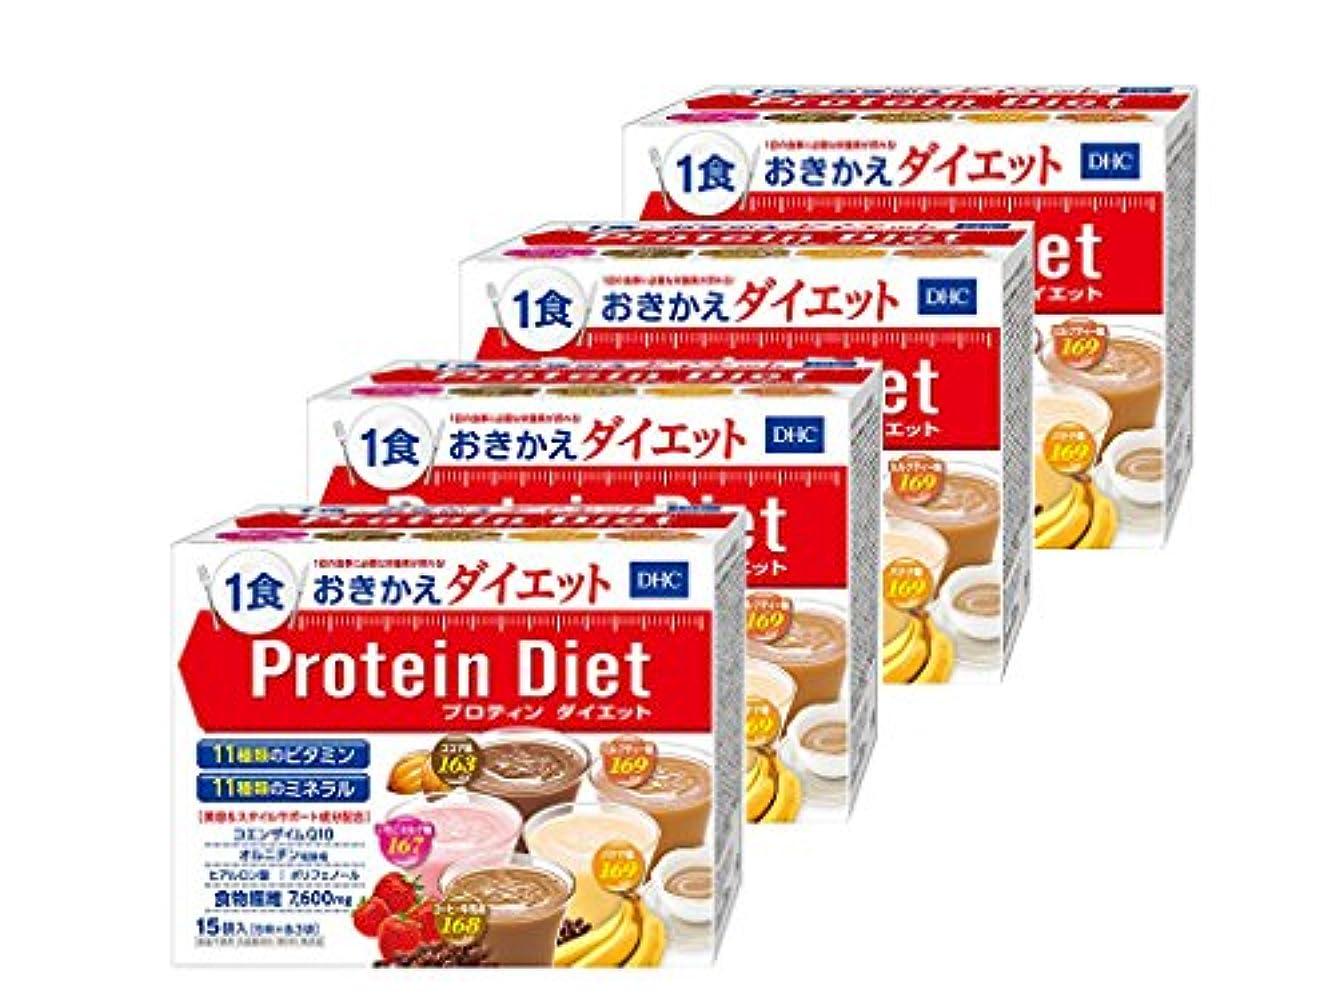 フィールド南東許容DHC プロティンダイエット 1箱15袋入 4箱セット 1食169kcal以下&栄養バッチリ! リニューアル